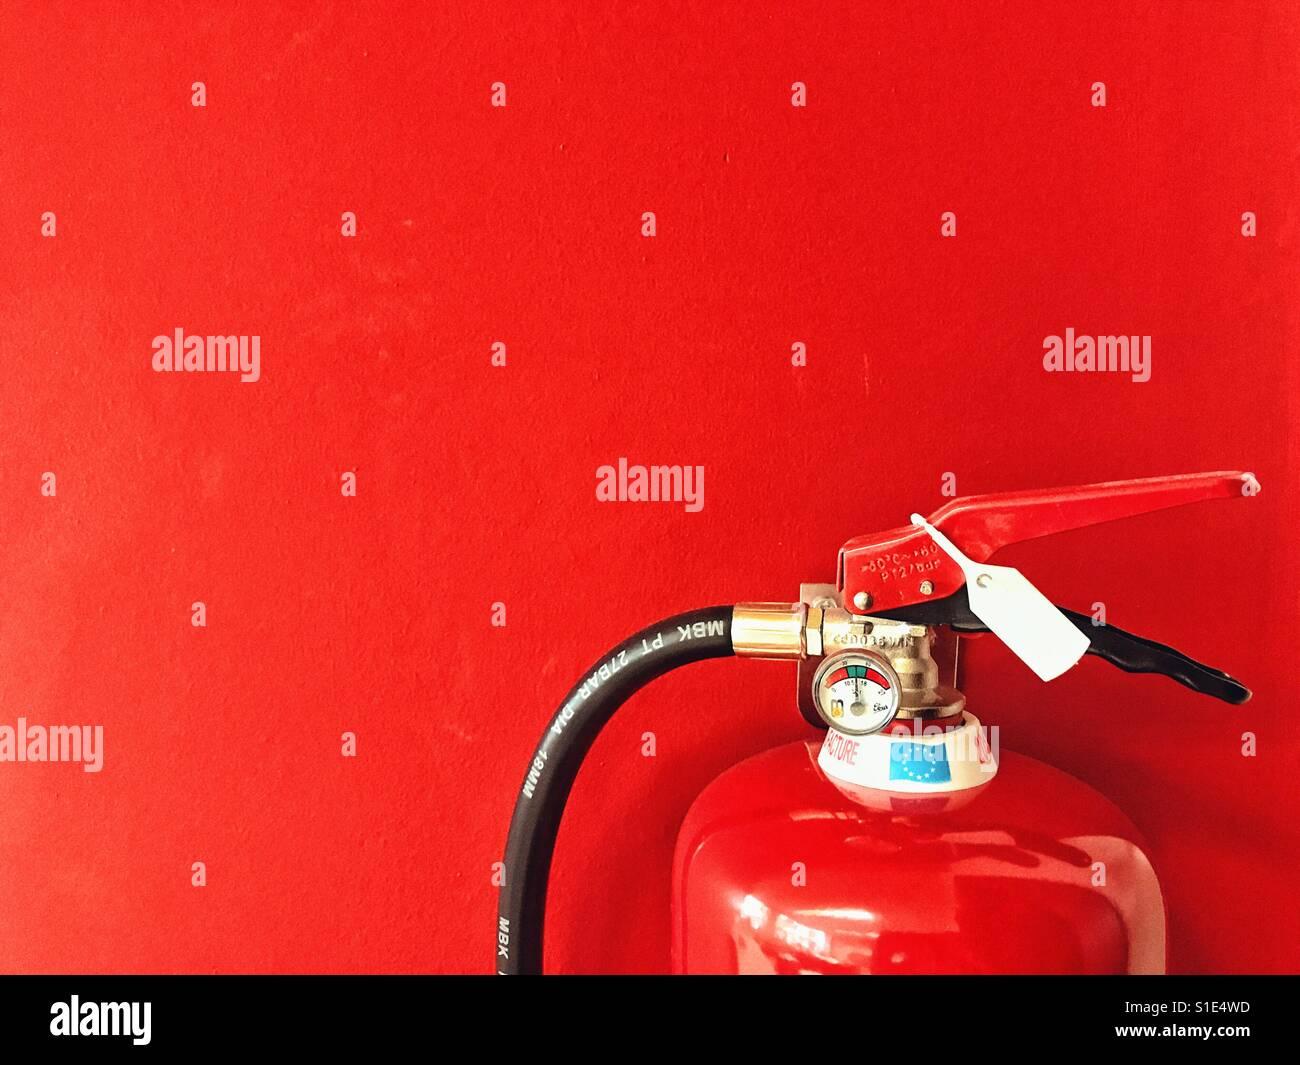 Detalhe do extintor de incêndio contra um fundo vermelho Imagens de Stock